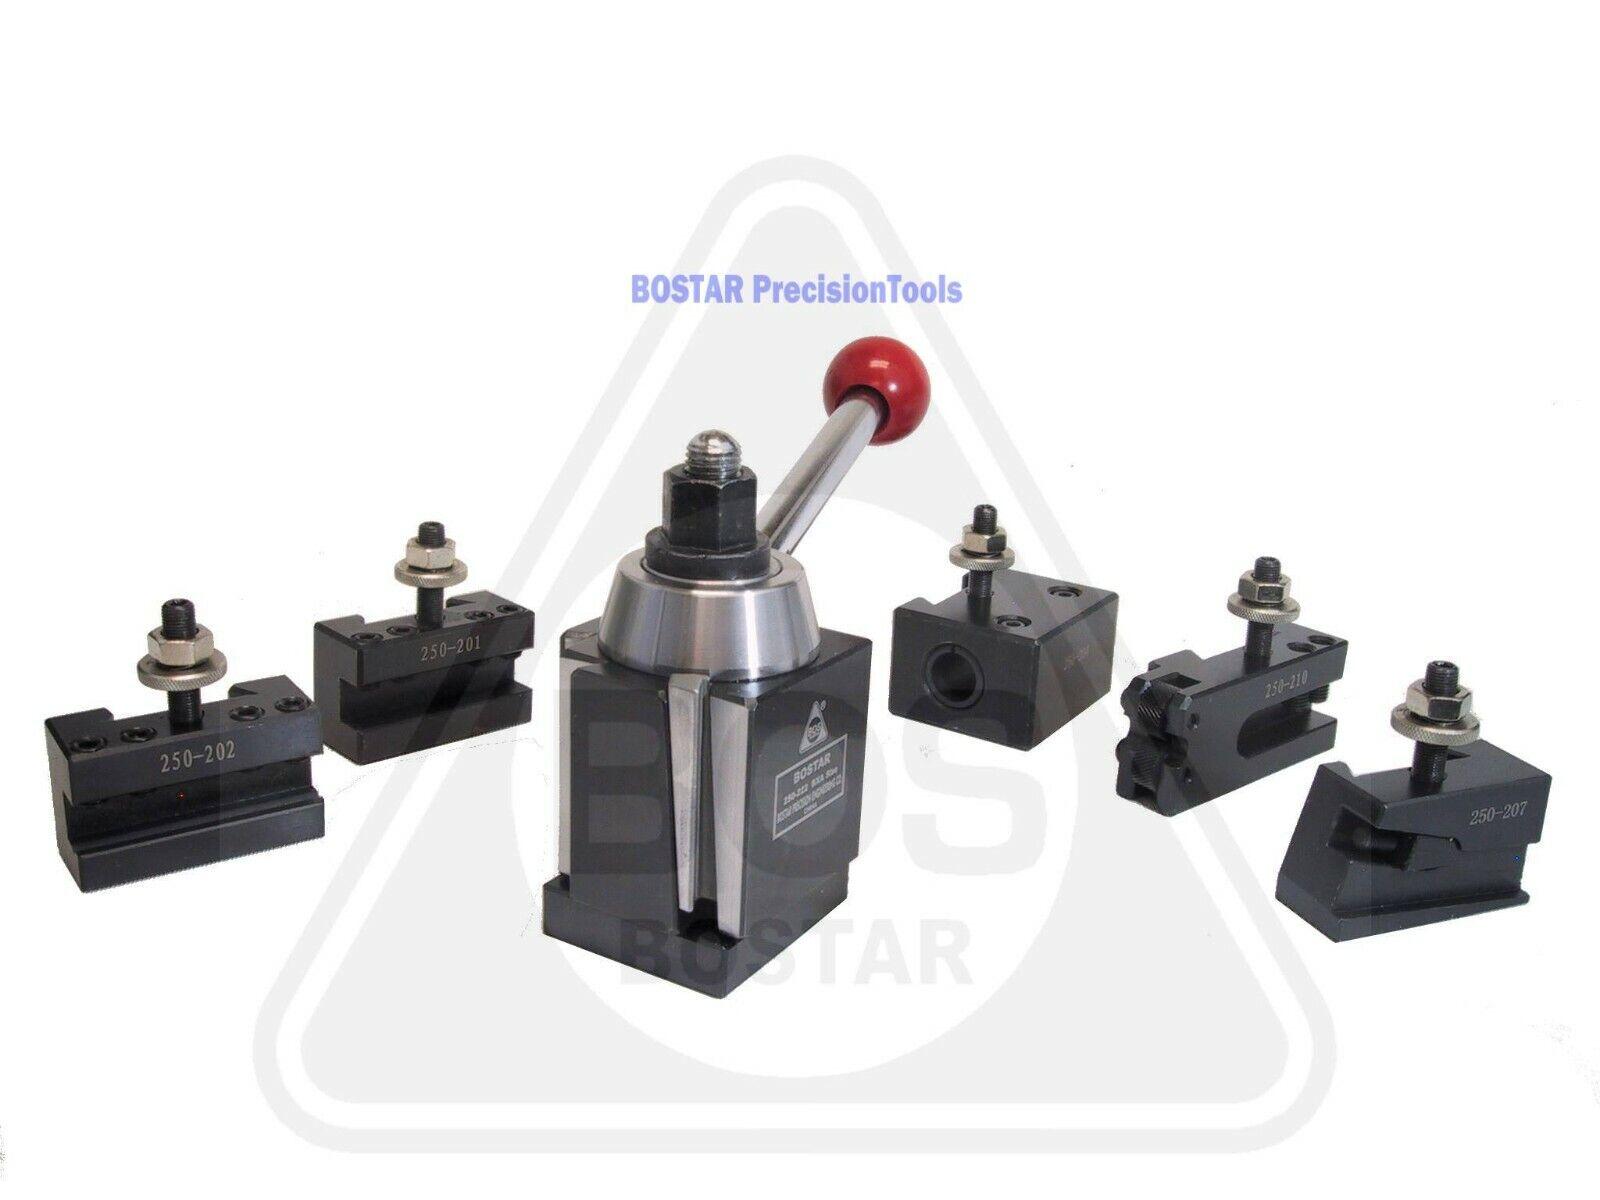 BOSTAR BXA 250-222 Wedge Type Tool Post, Tool Holder Set for Lathe 10-15